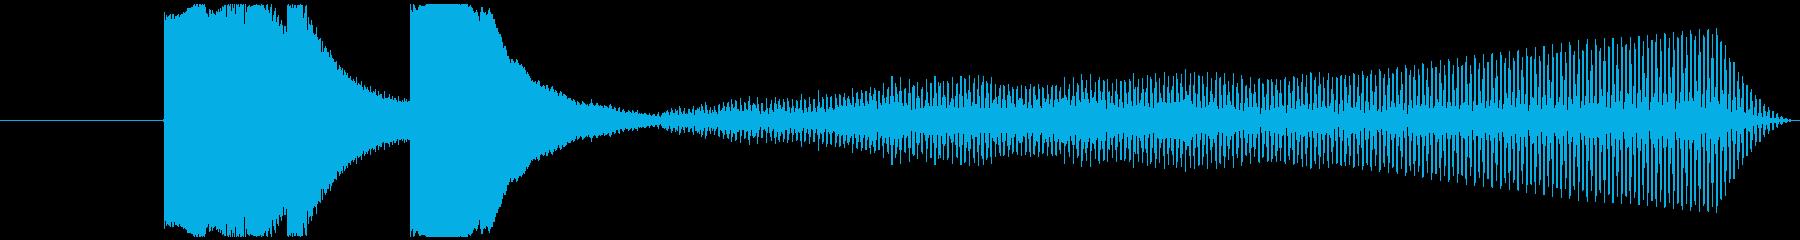 シンプルな5秒程度のジングルの再生済みの波形